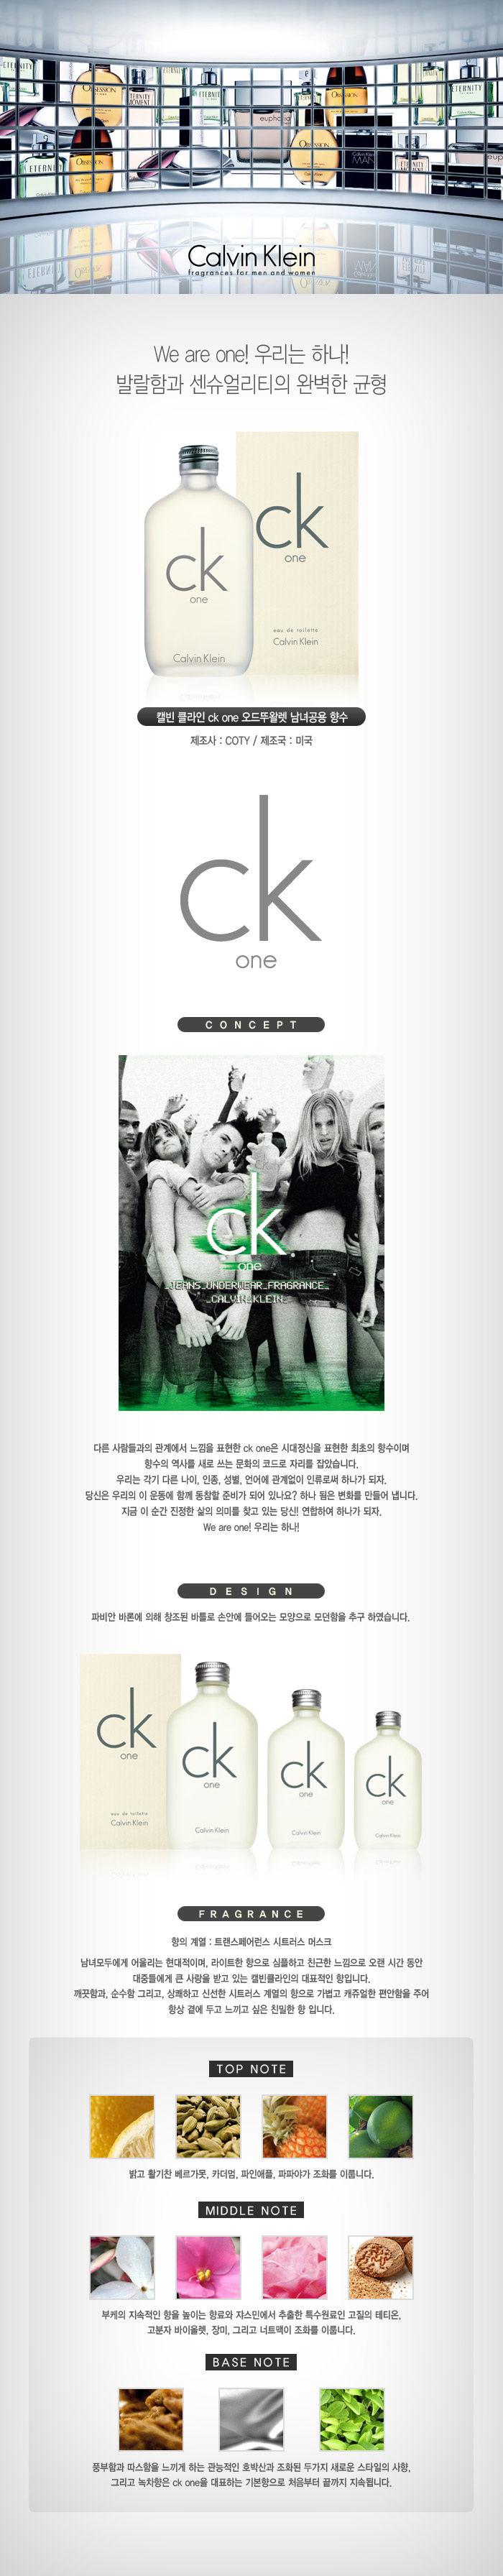 캘빈 클라인 원